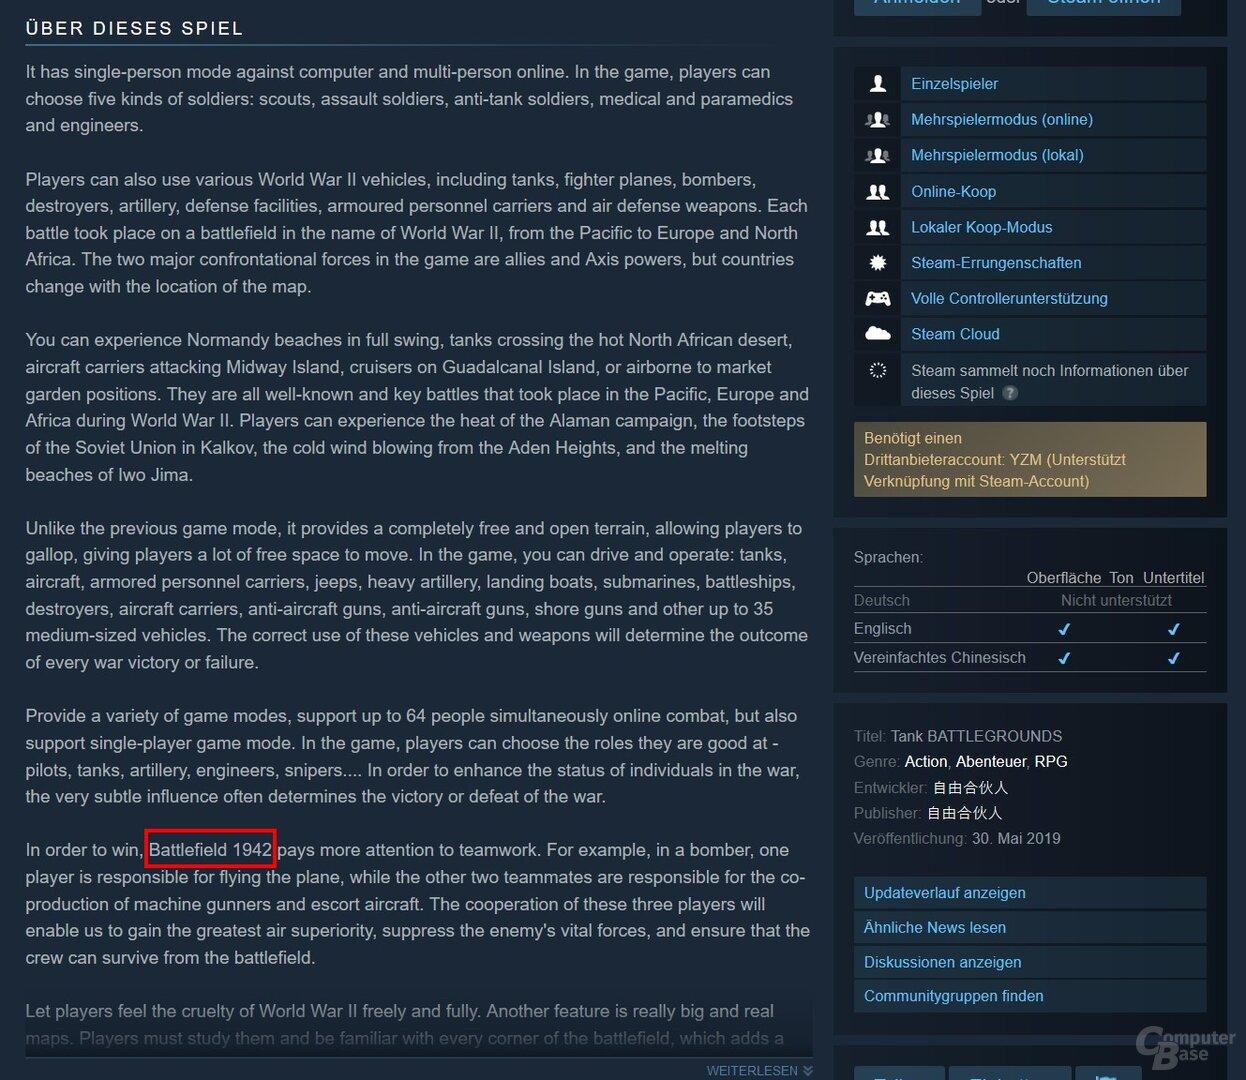 """In der Produktbeschreibung wird das Spiel einmal als """"Battlefield 1942"""" bezeichnet"""